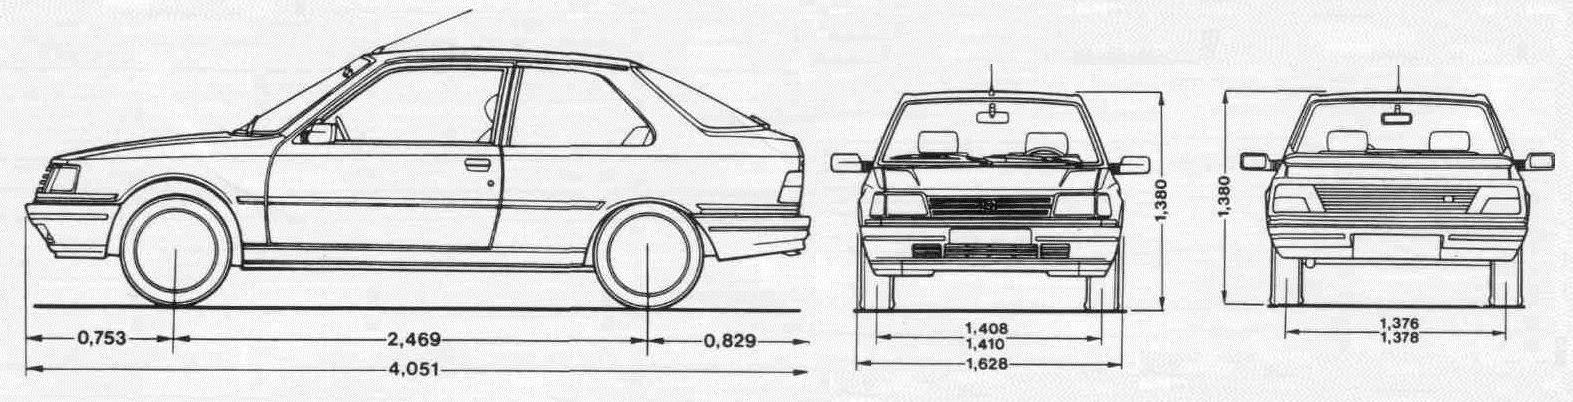 Пежо 309 (Peugeot 309) габарит